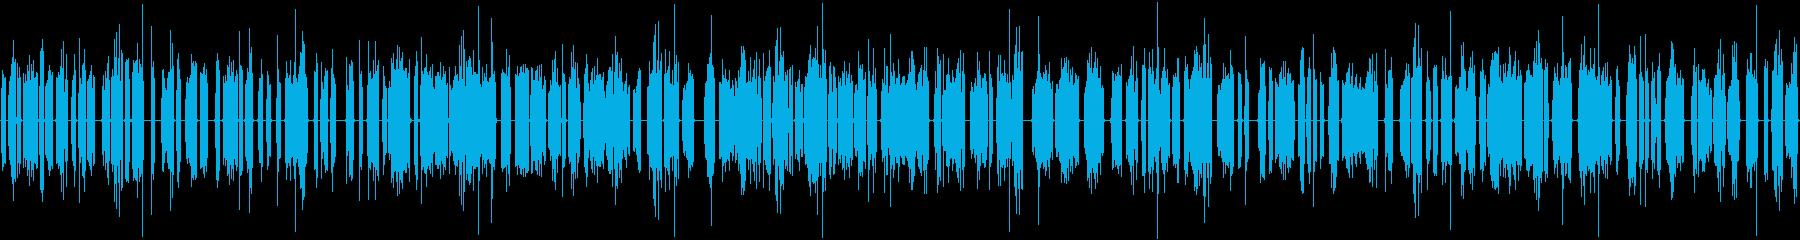 連続的な電気バースト電力、アーク放...の再生済みの波形